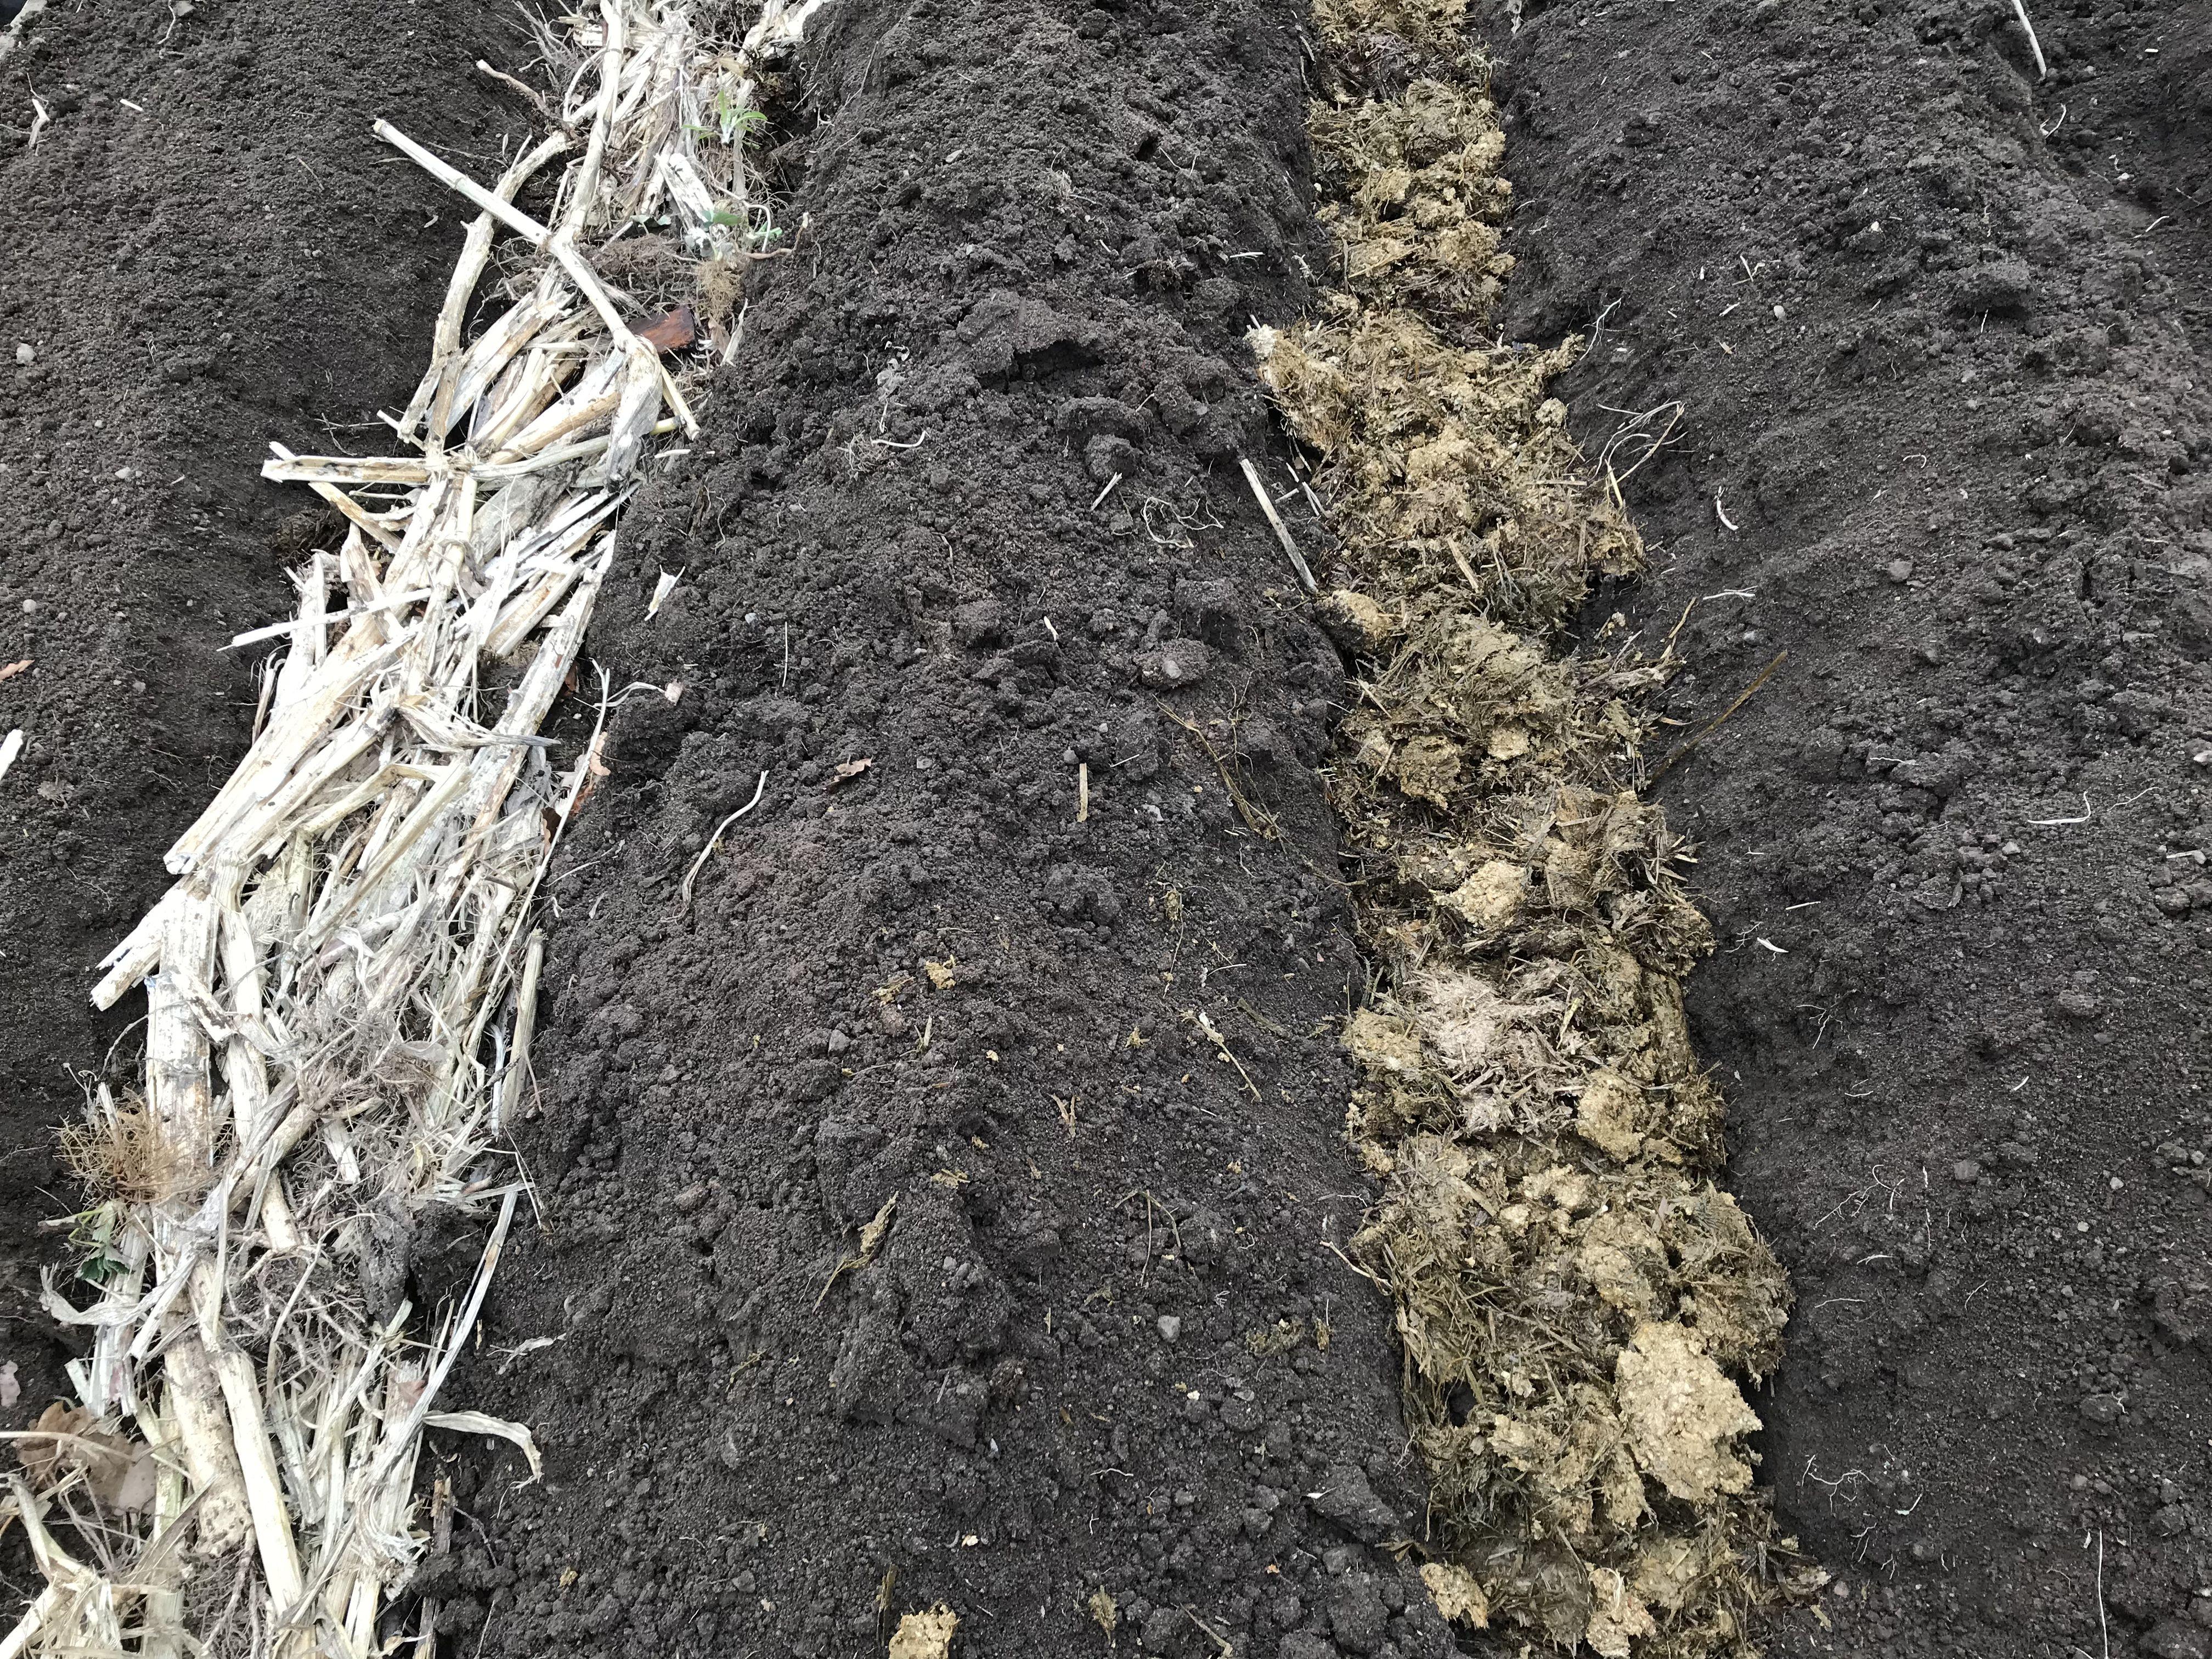 Närbild på odlingsbäddarna med gödsel och trädgårdsskräp i strängar mellan bäddarna.